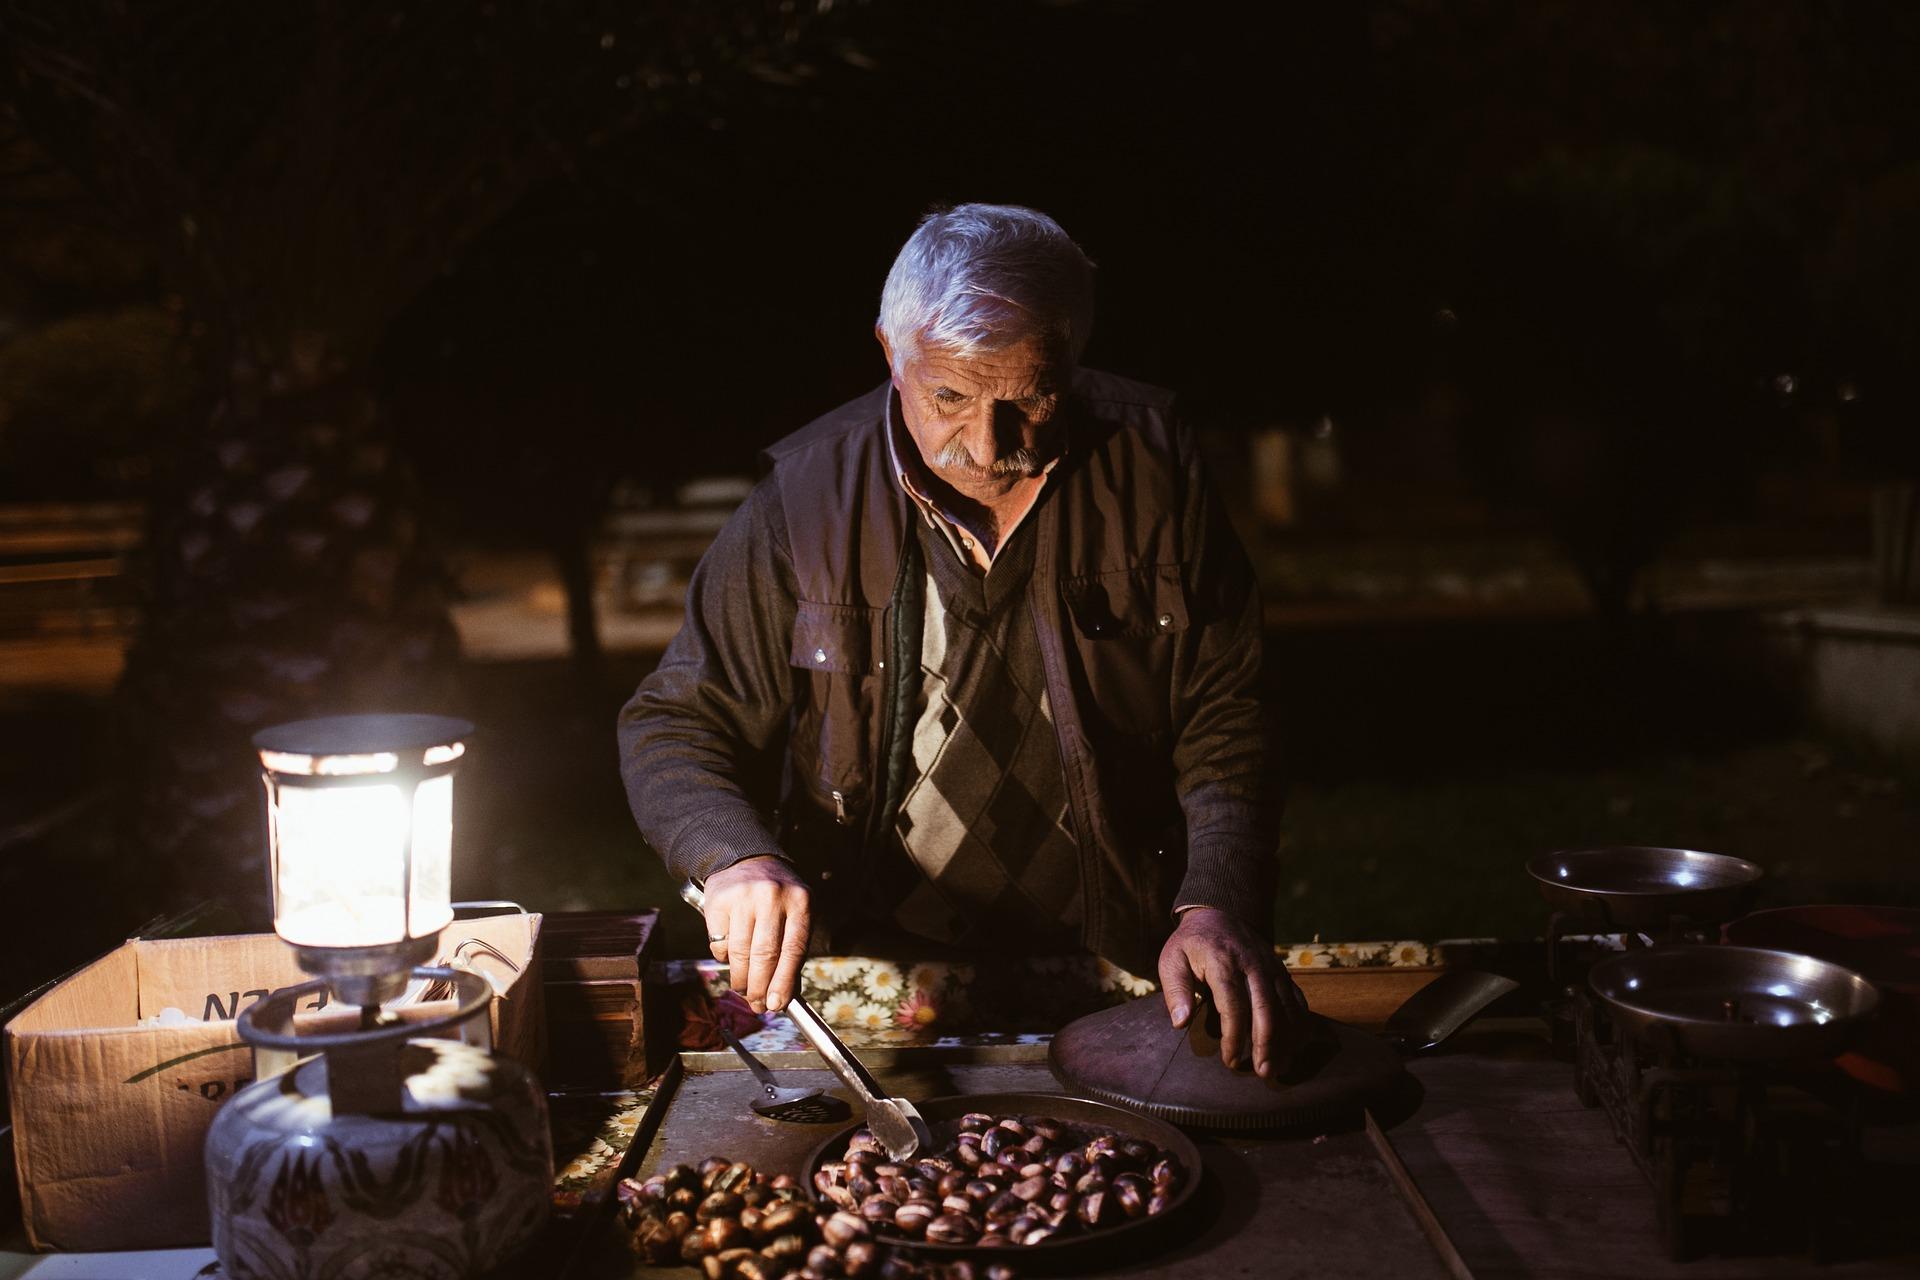 incentivi nazionali, immagine decorativa uomo anziano lavoratore svantaggiato